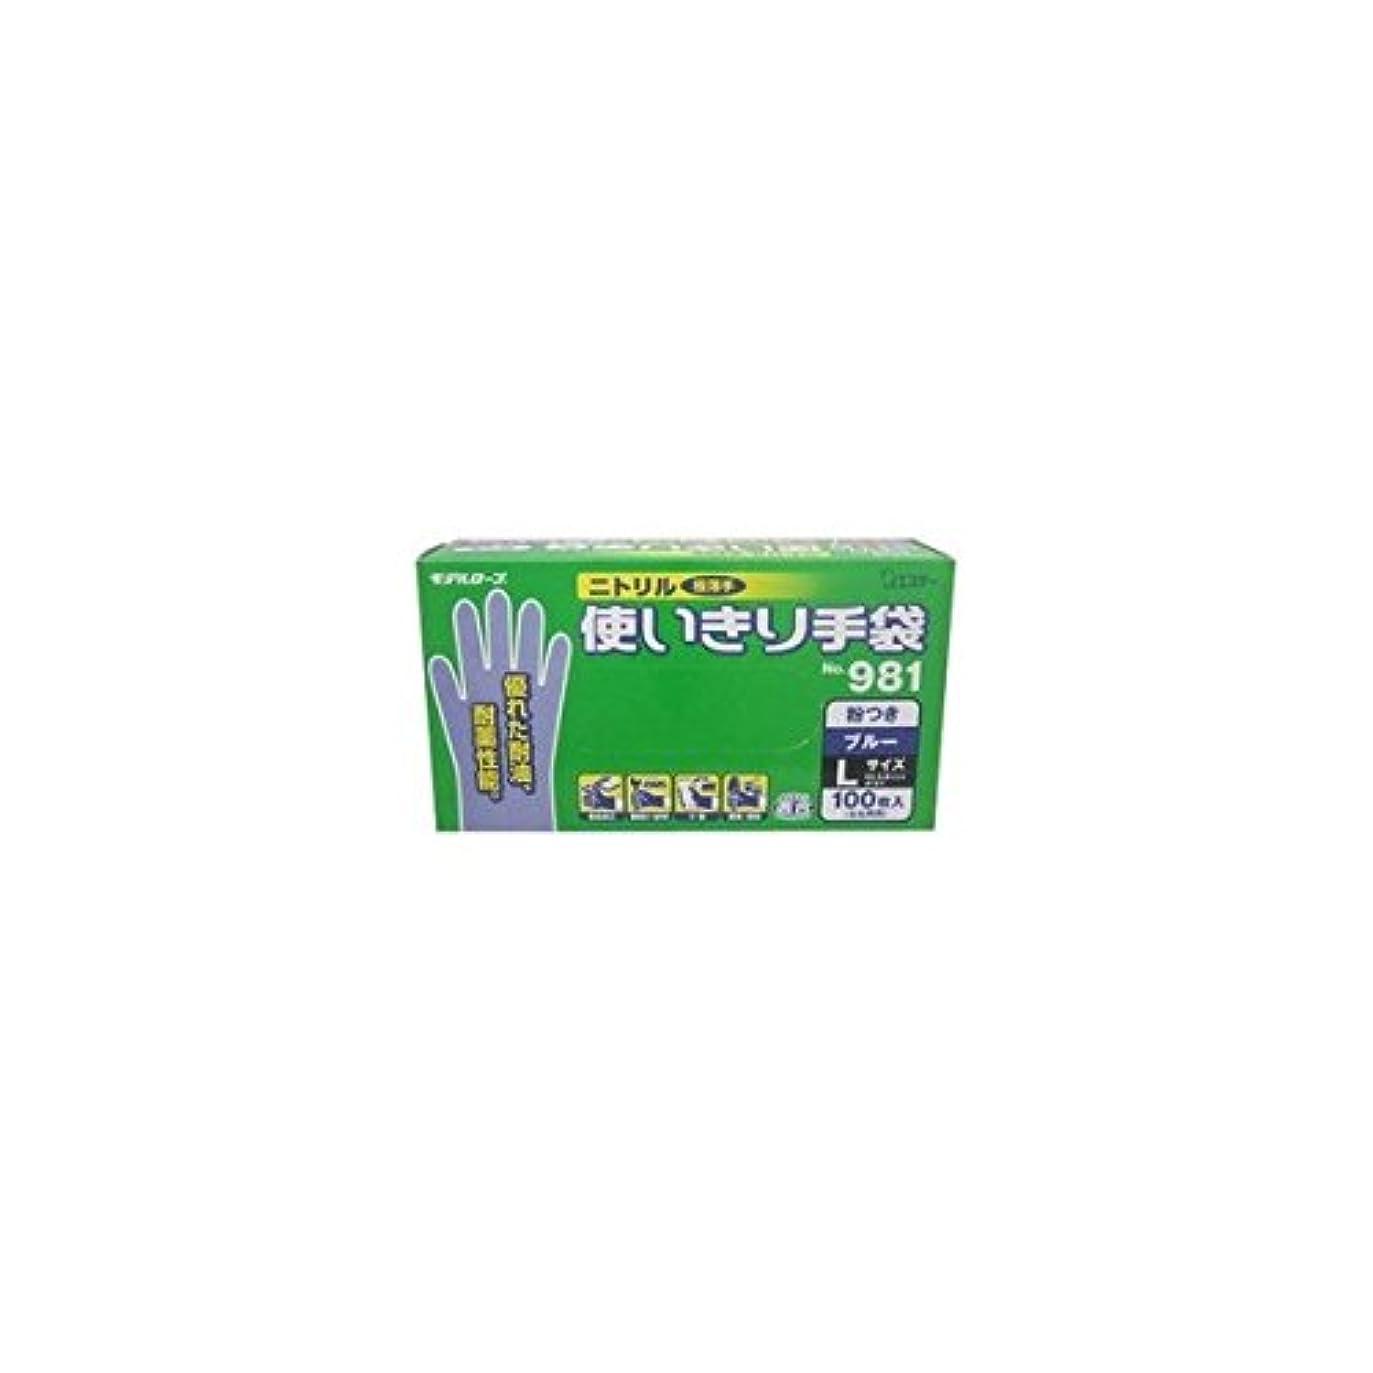 賞賛するオプショナル充電エステー 二トリル手袋 粉付(100枚入)L ブルー No.981